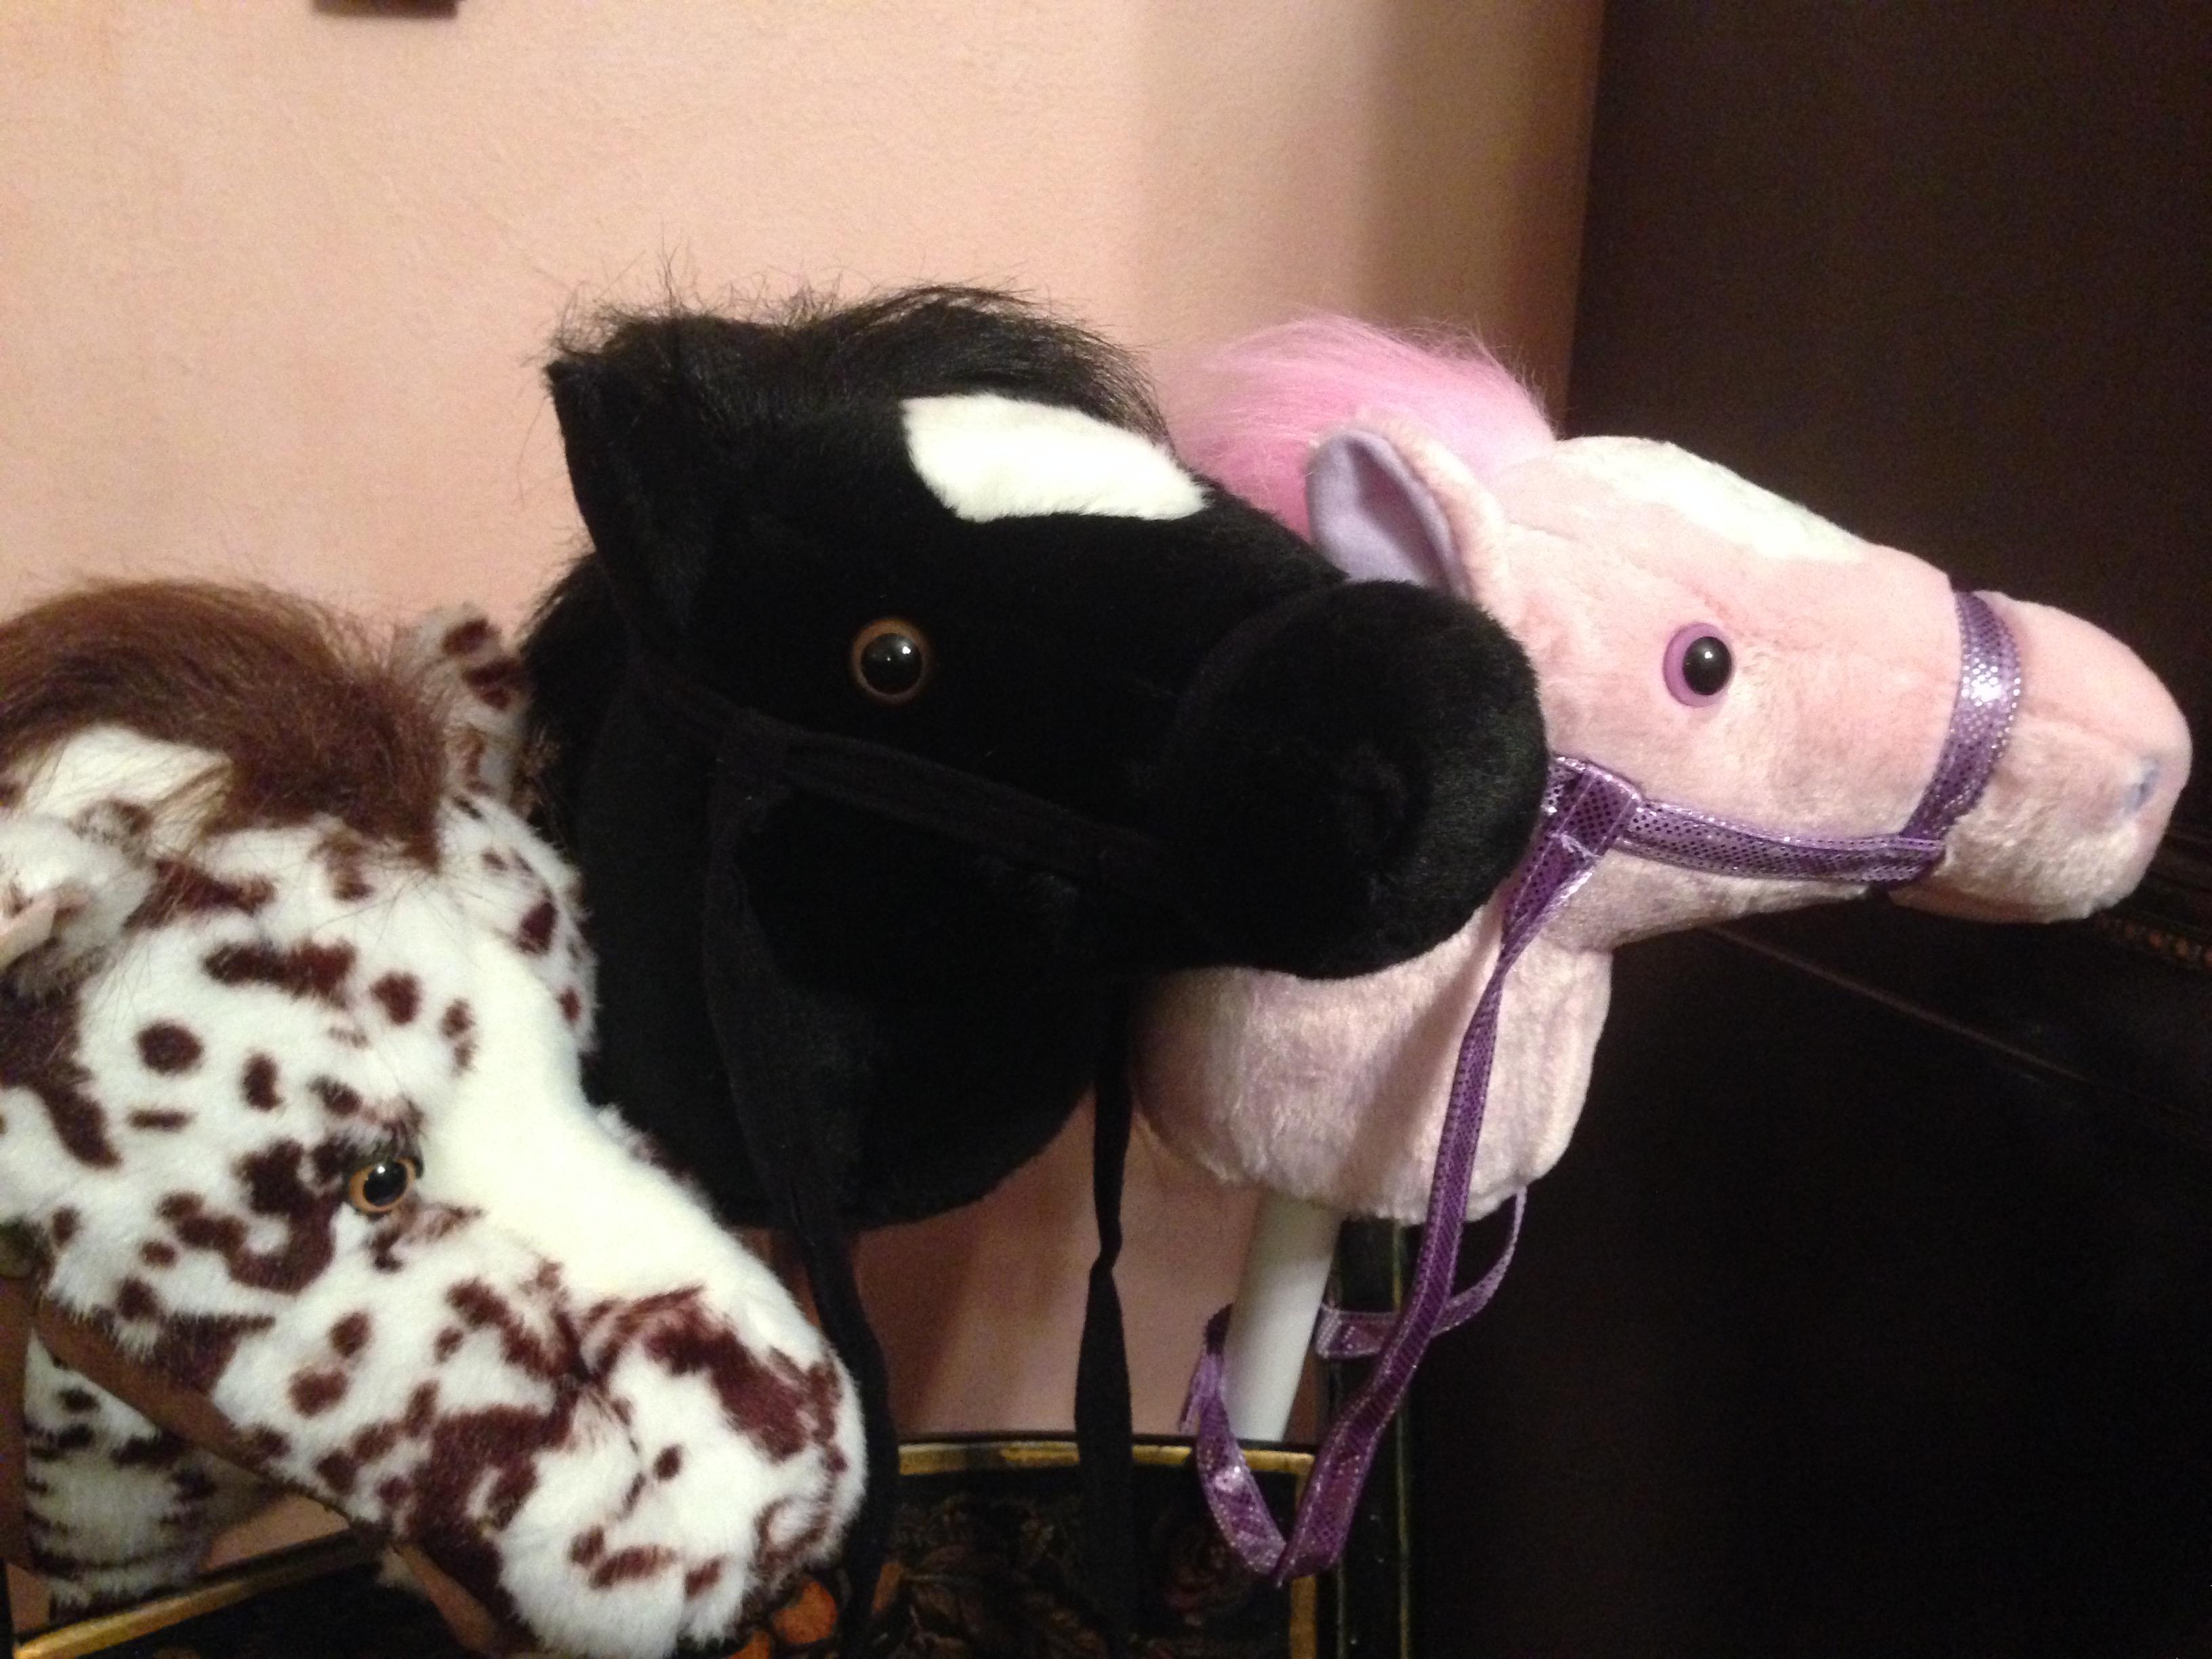 hobby horses of hope